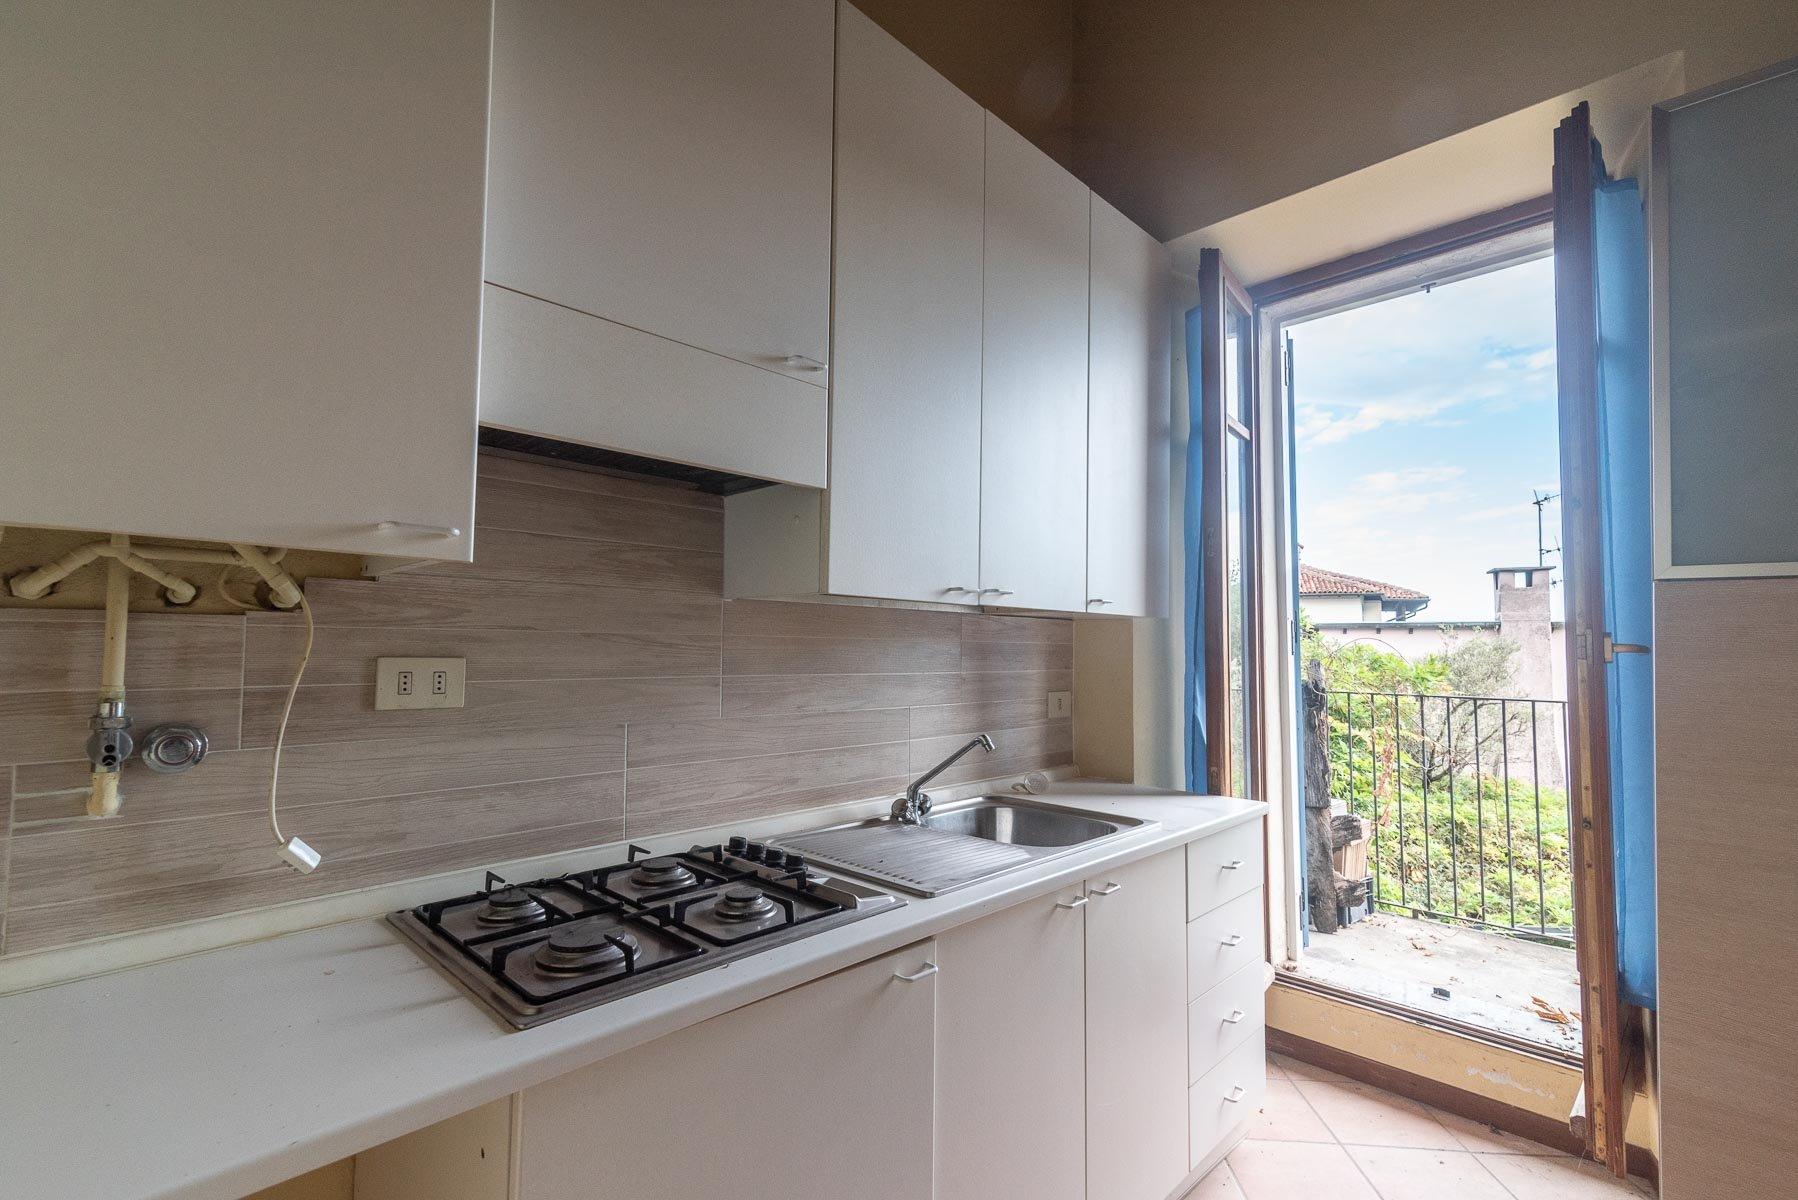 Apartment for sale in Pescatori Island, Stresa - kitchenette